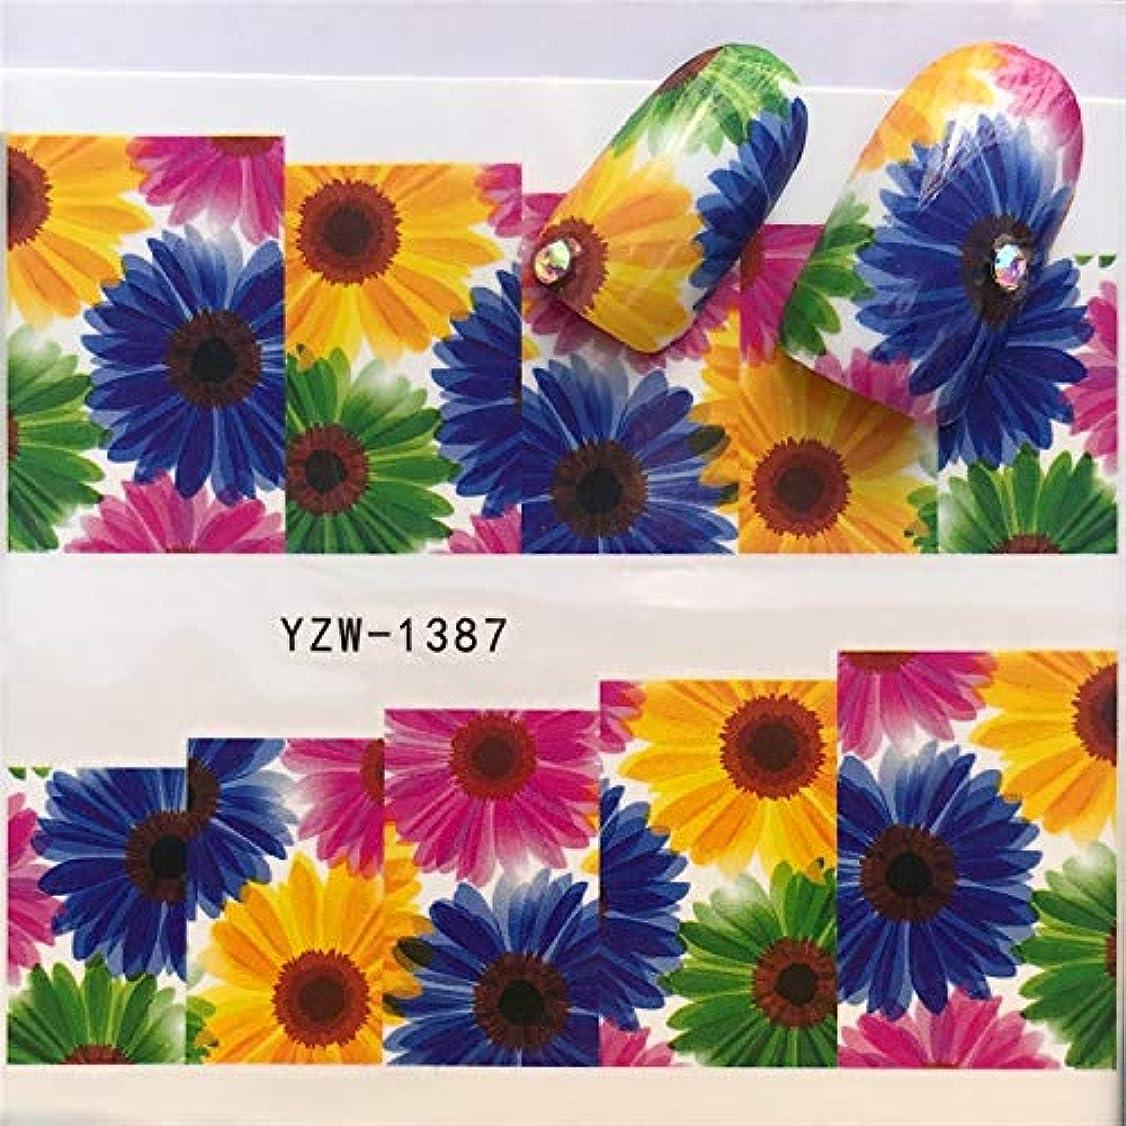 水差し信条皮肉なビューティー&パーソナルケア 3ピースネイルステッカーセットデカール水転写スライダーネイルアートデコレーション、色:YZW 1287 ステッカー&デカール